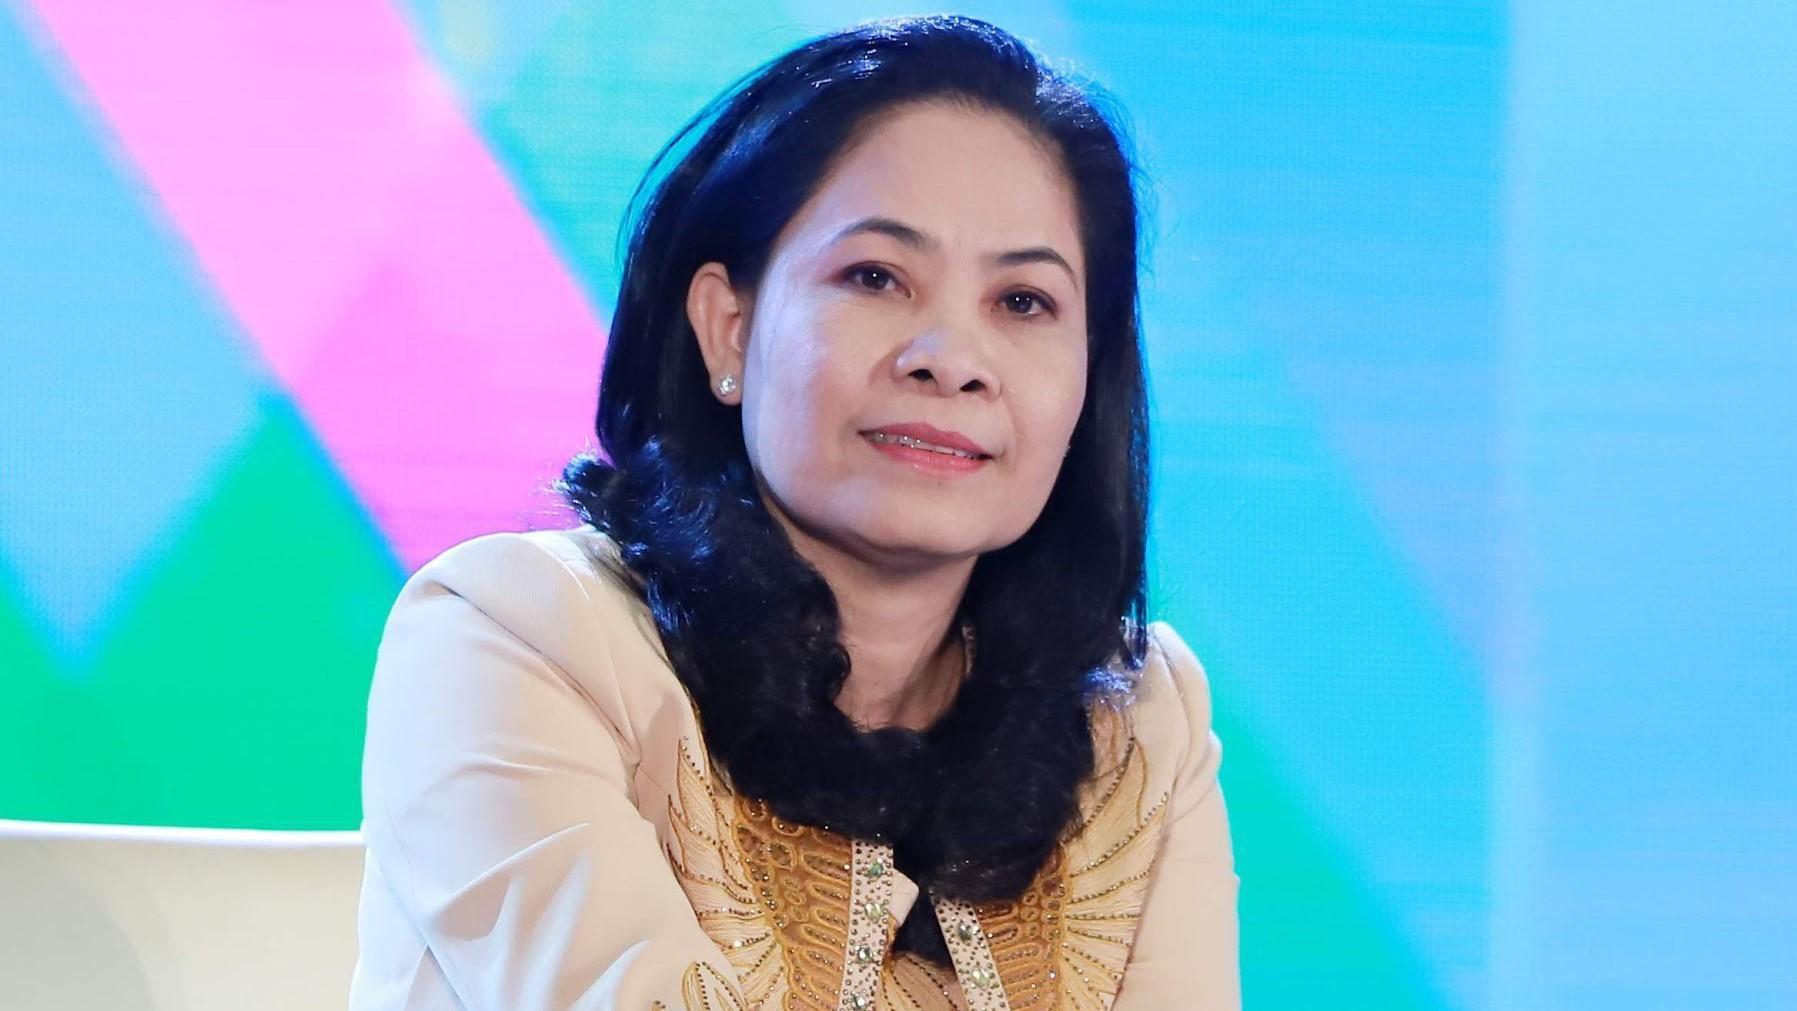 Chân dung 'nữ tướng' Thép TVP Ninh Thị Bích Thùy Ảnh 1